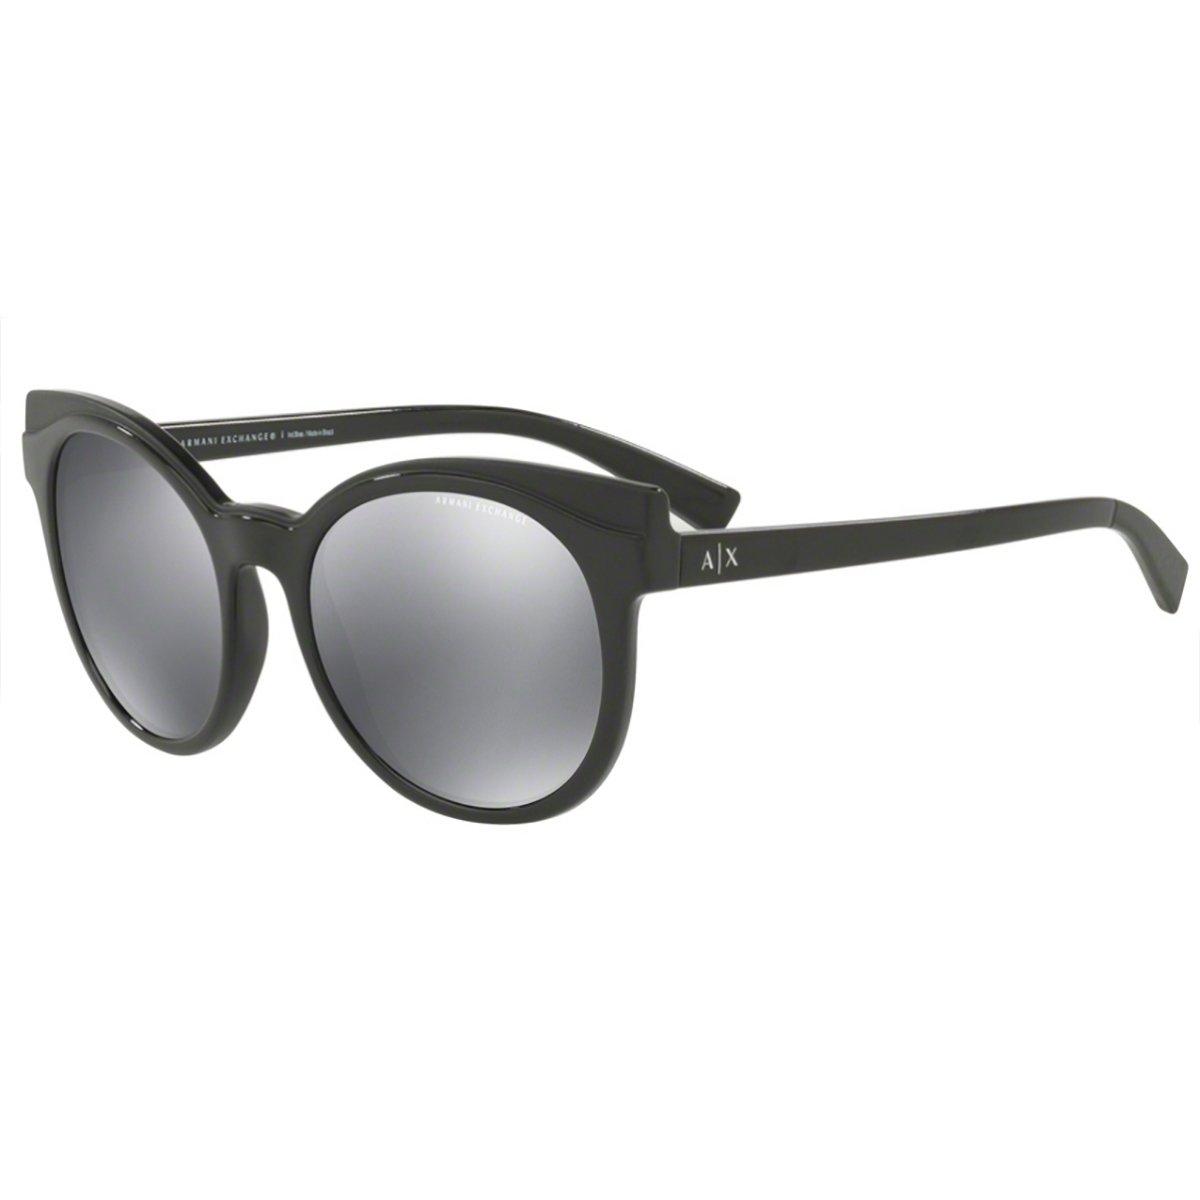 5d38c9b565015 Compre Óculos de Sol Armani Exchange em 10X   Tri-Jóia Shop